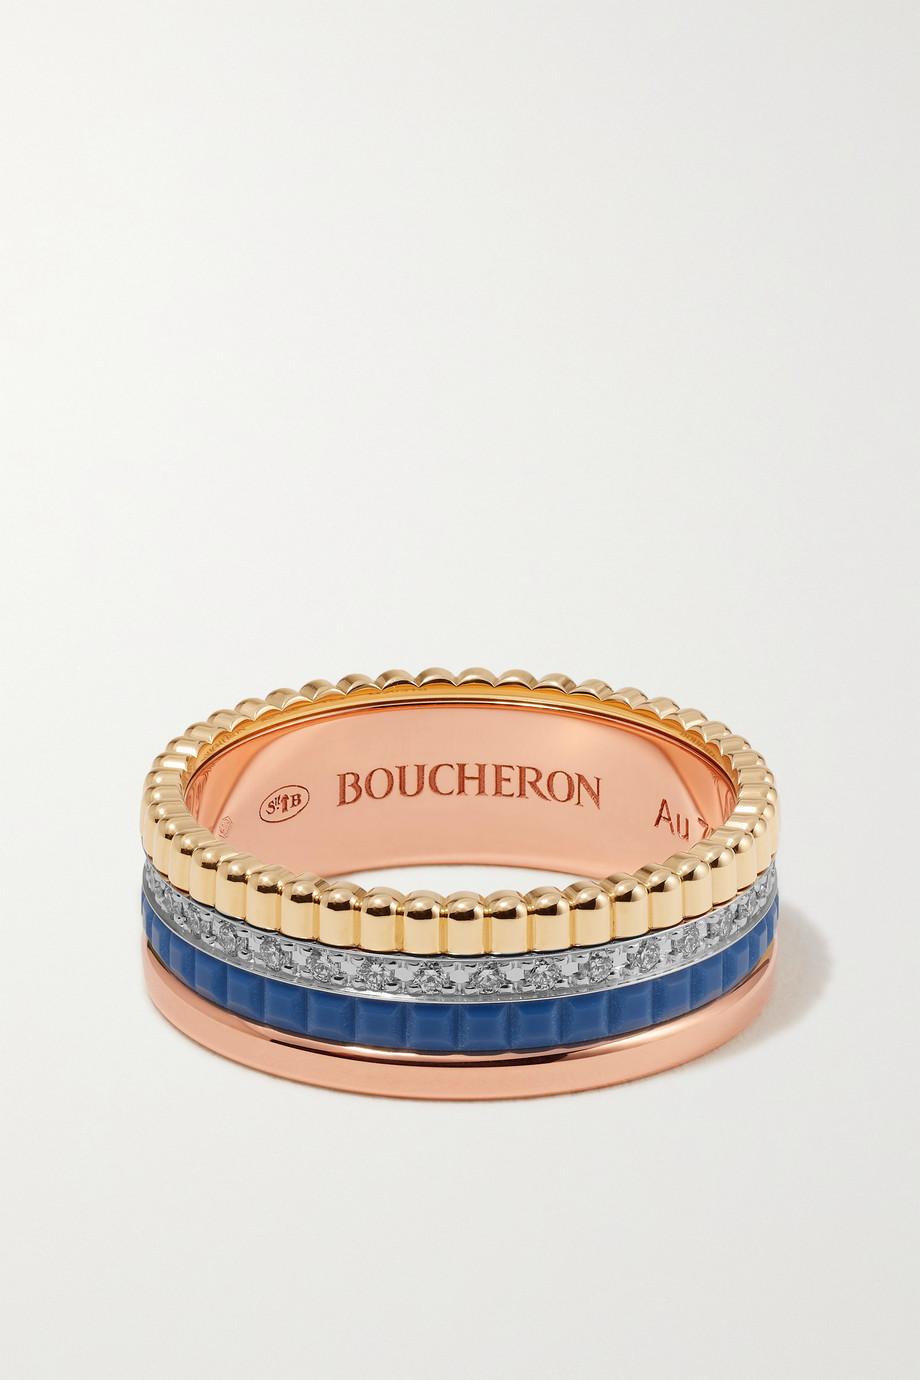 Boucheron Bague en or jaune, blanc et rose 18 carats, céramique et diamants Quatre Blue Edition Small